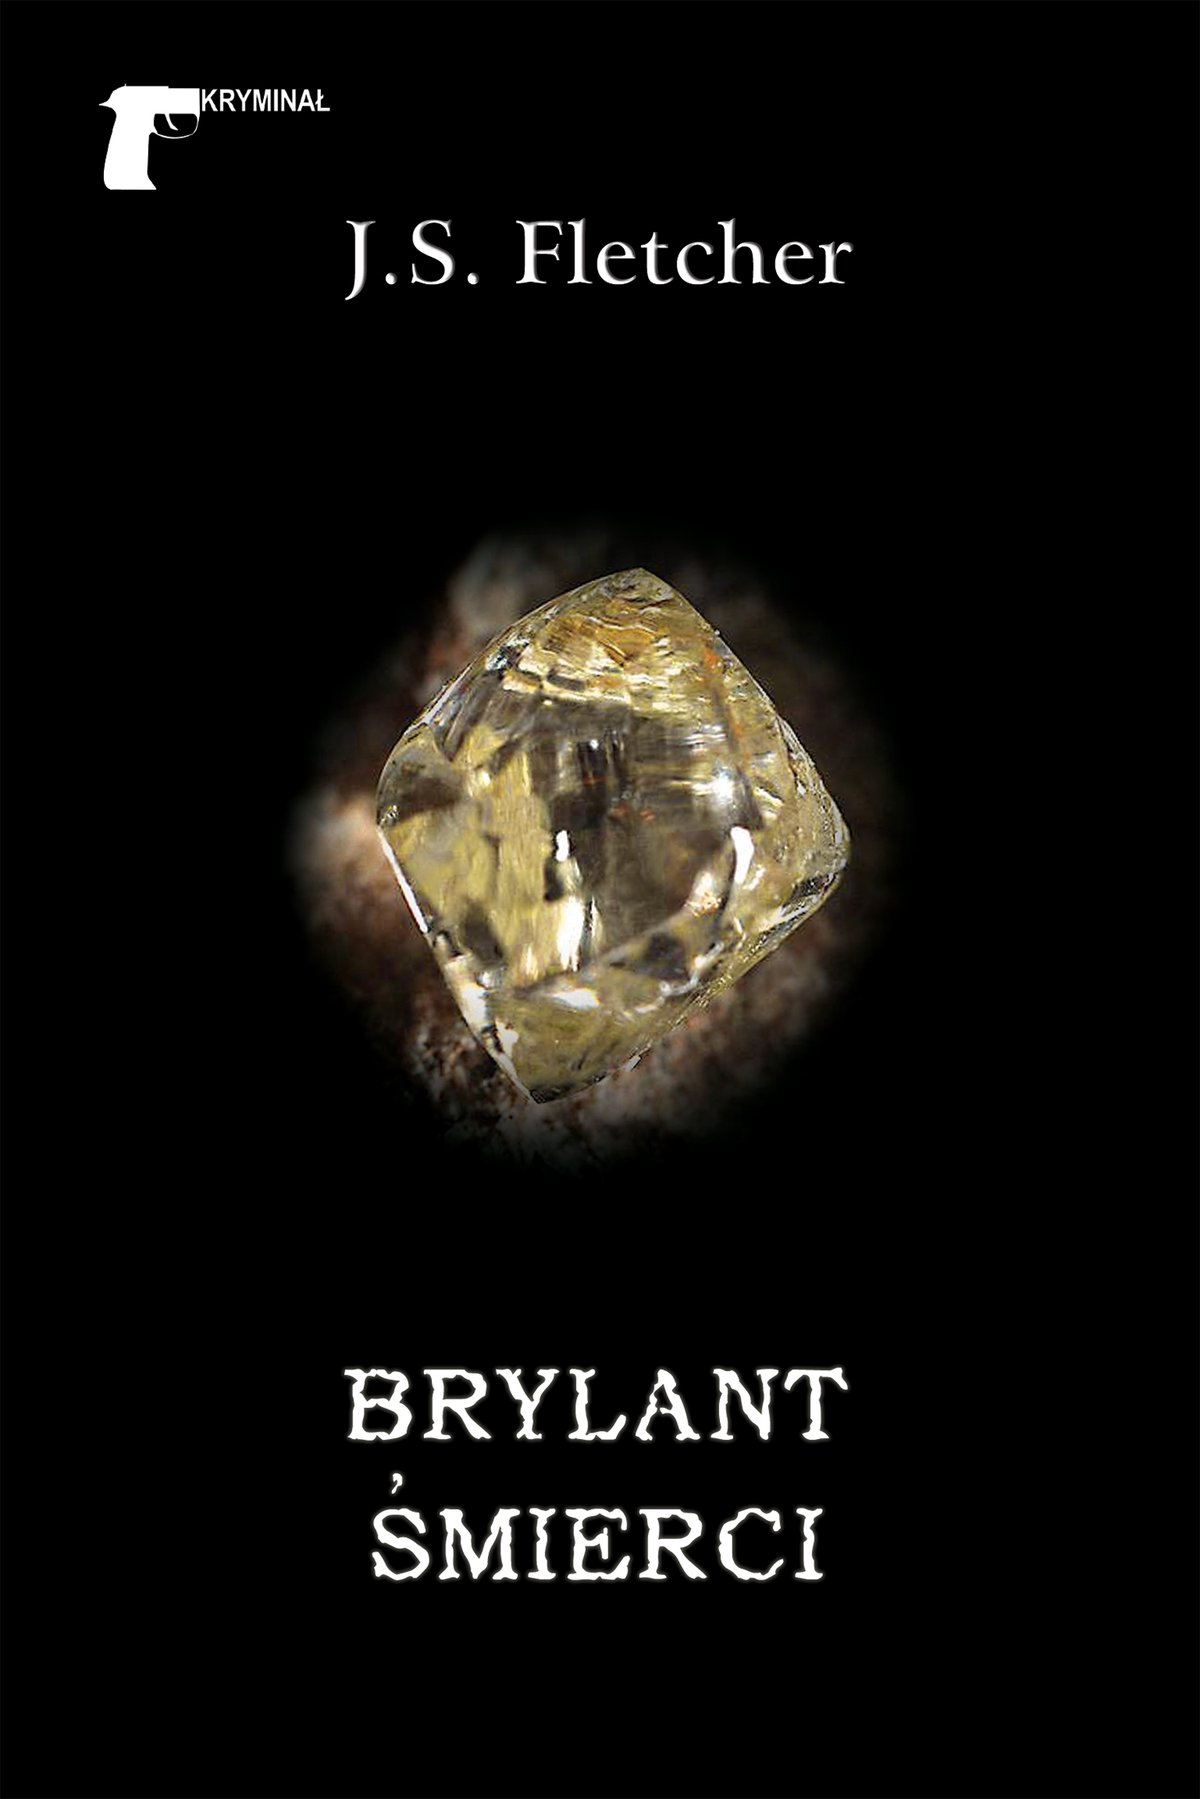 Brylant śmierci - Ebook (Książka EPUB) do pobrania w formacie EPUB